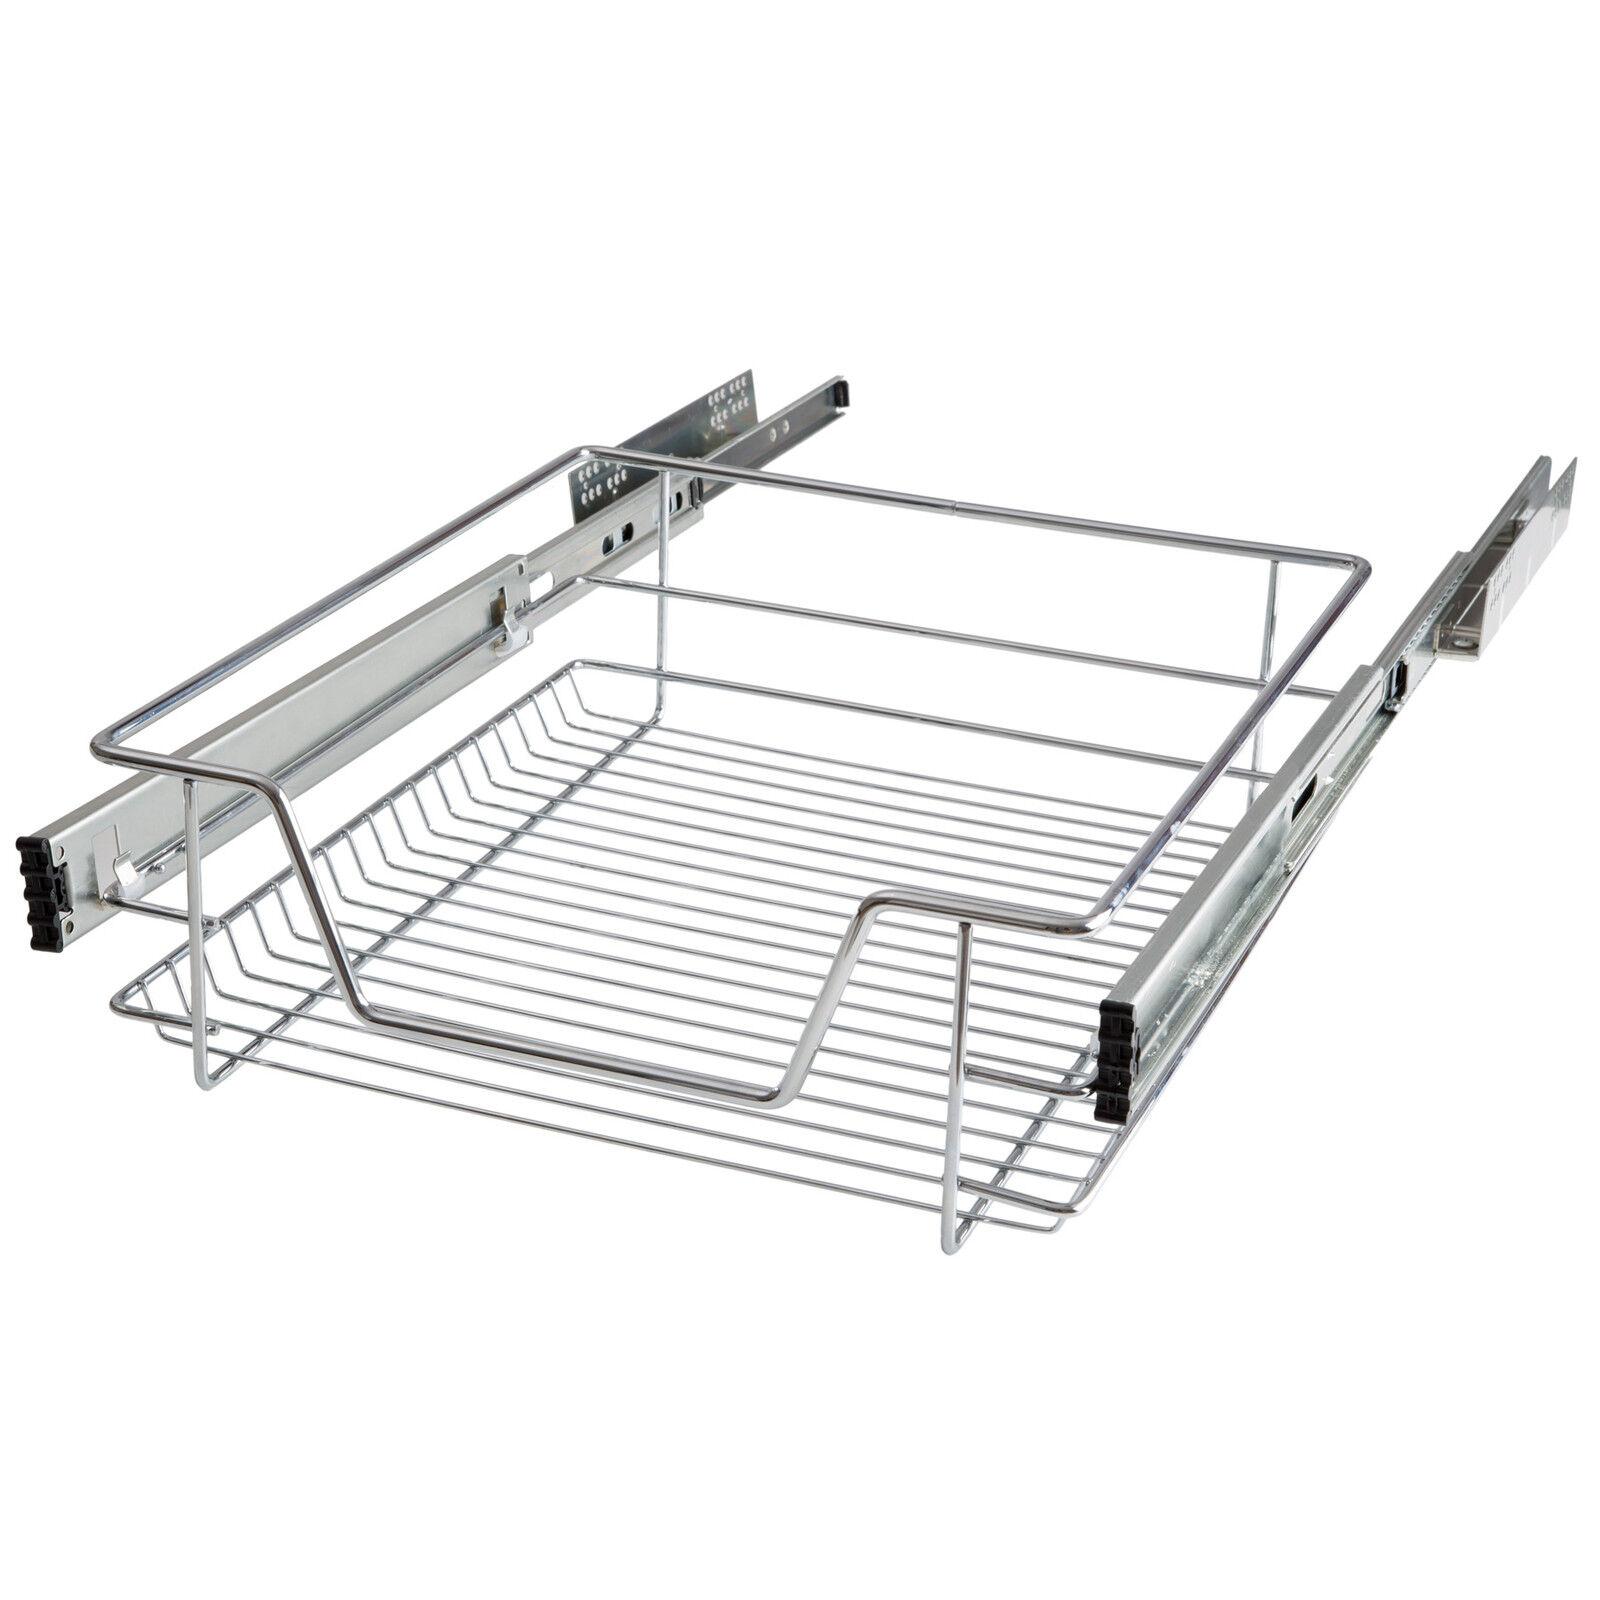 panier de rangement coulissant cuisine meuble pour placard tag re tiroir 50 cm eur 31 50. Black Bedroom Furniture Sets. Home Design Ideas